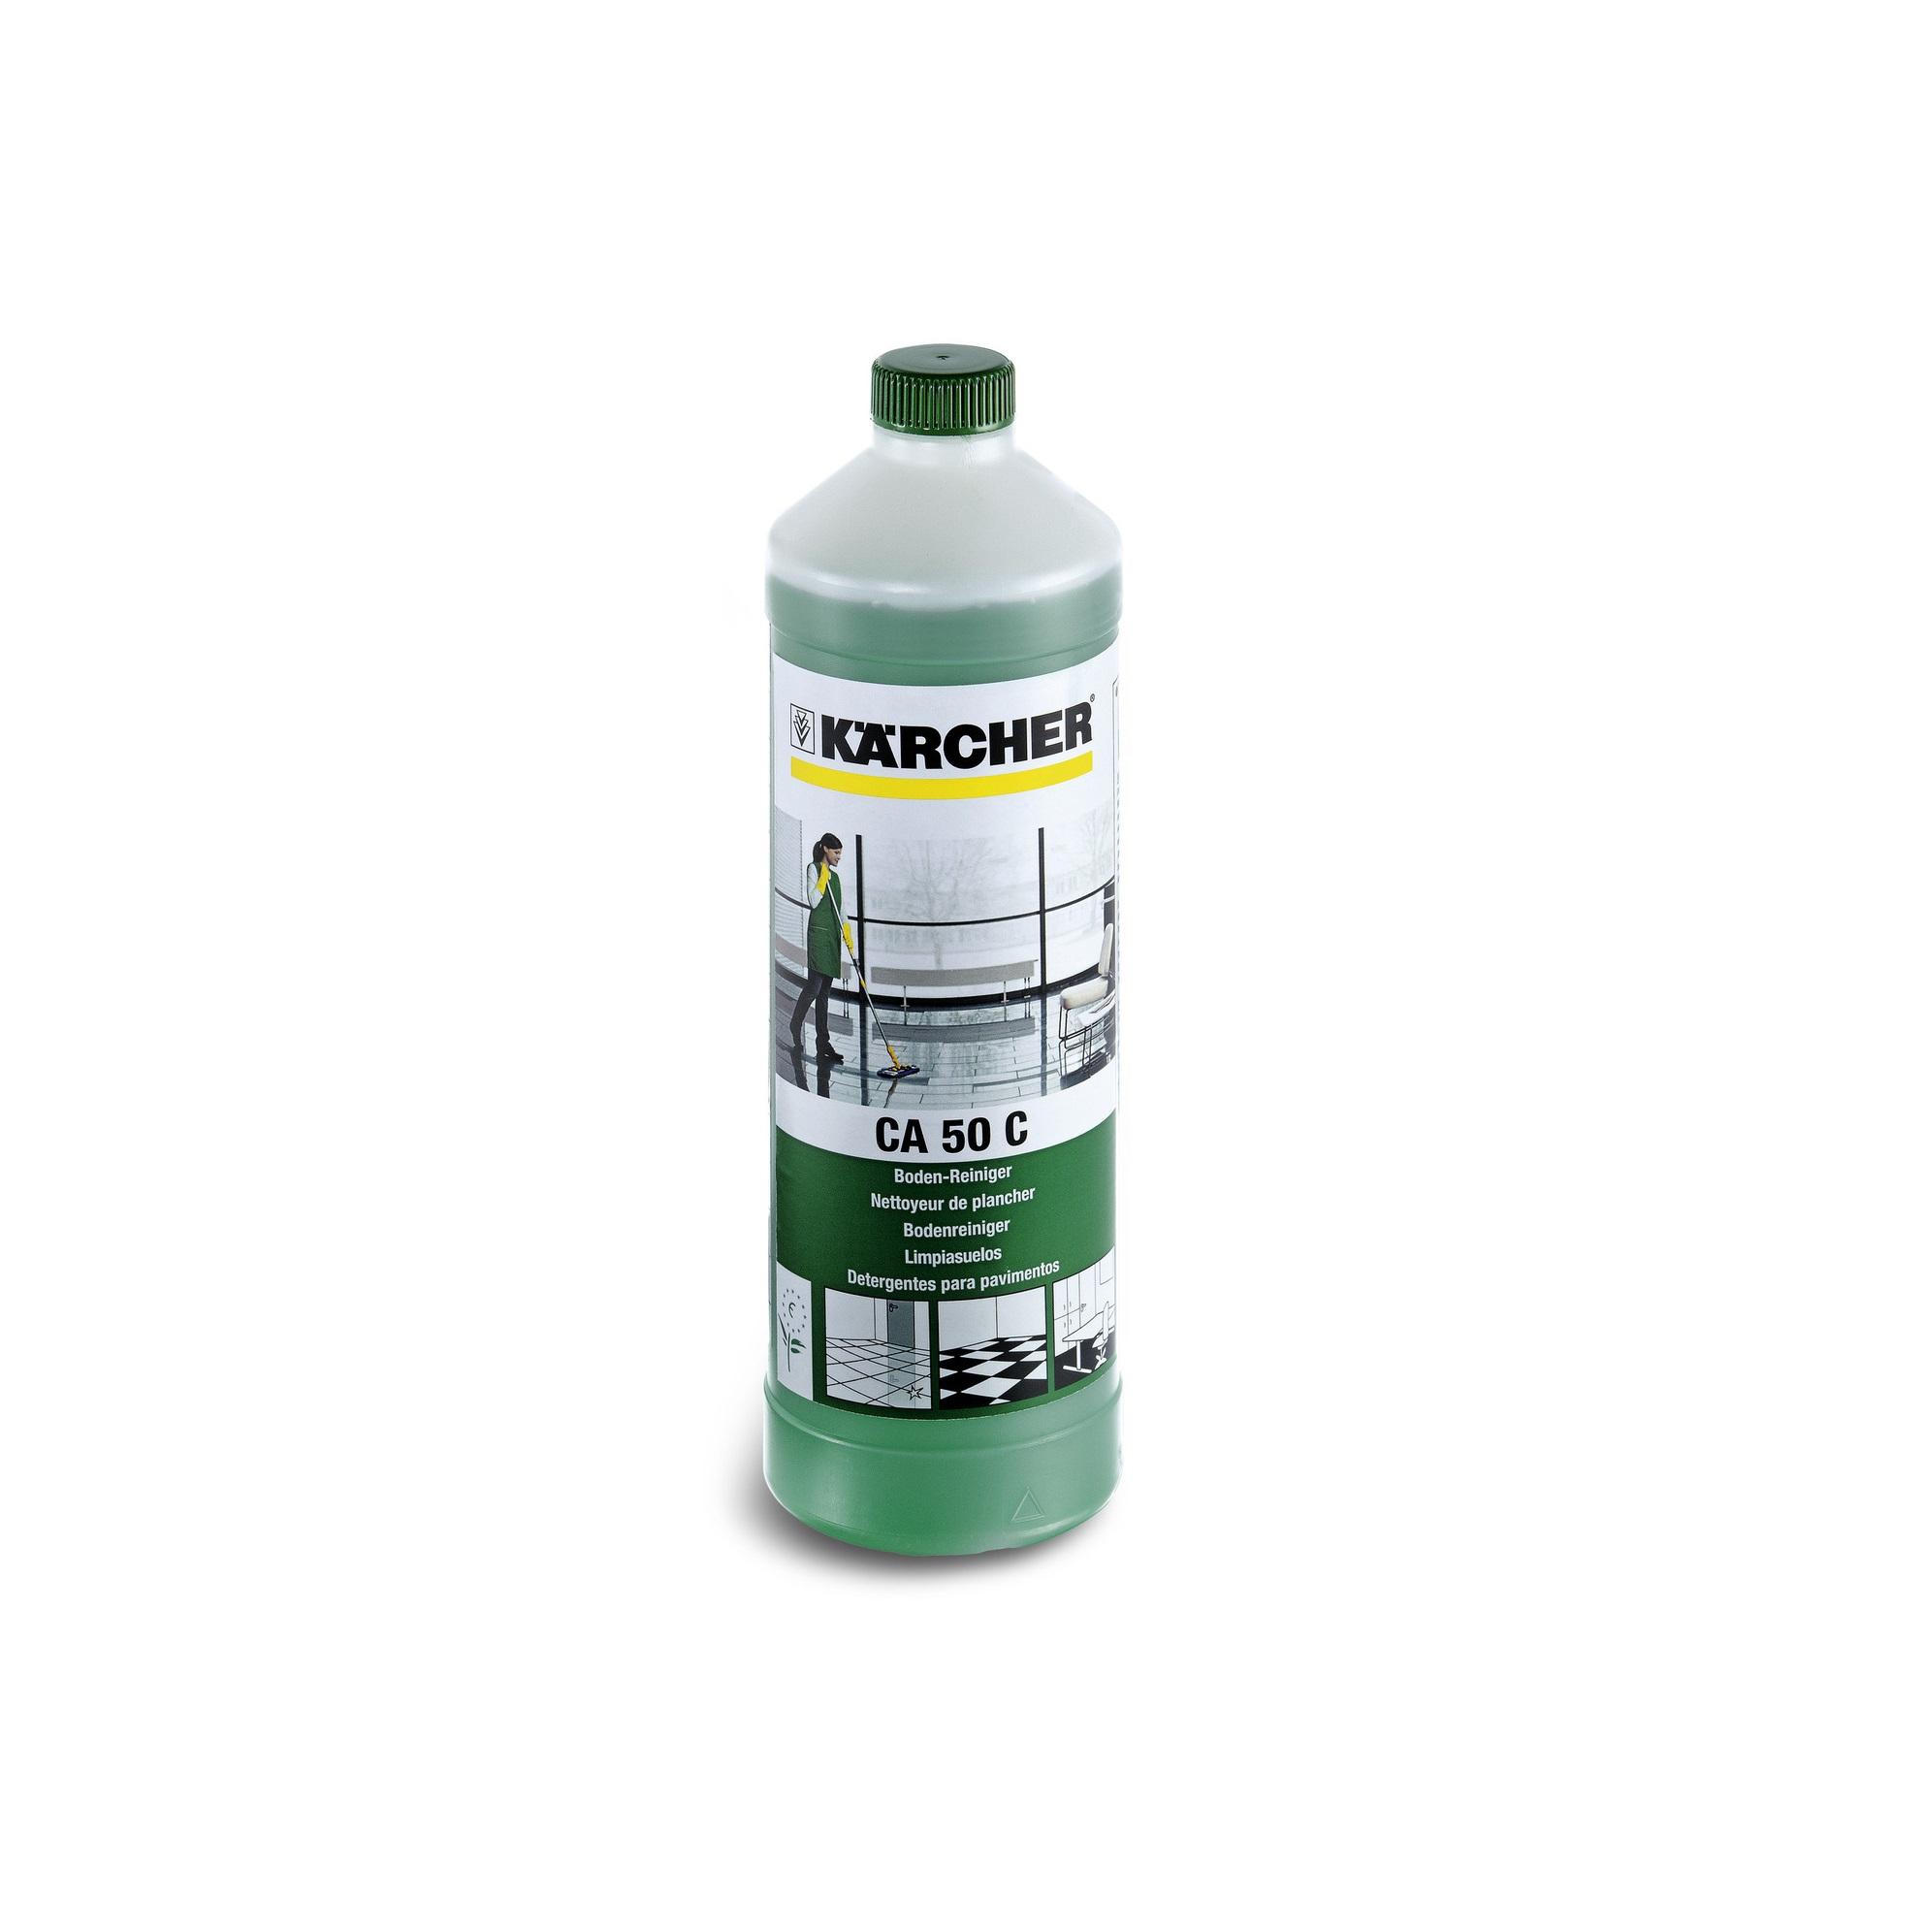 Почистващ препарат за подови настилки Karcher CA 50 C - 1л